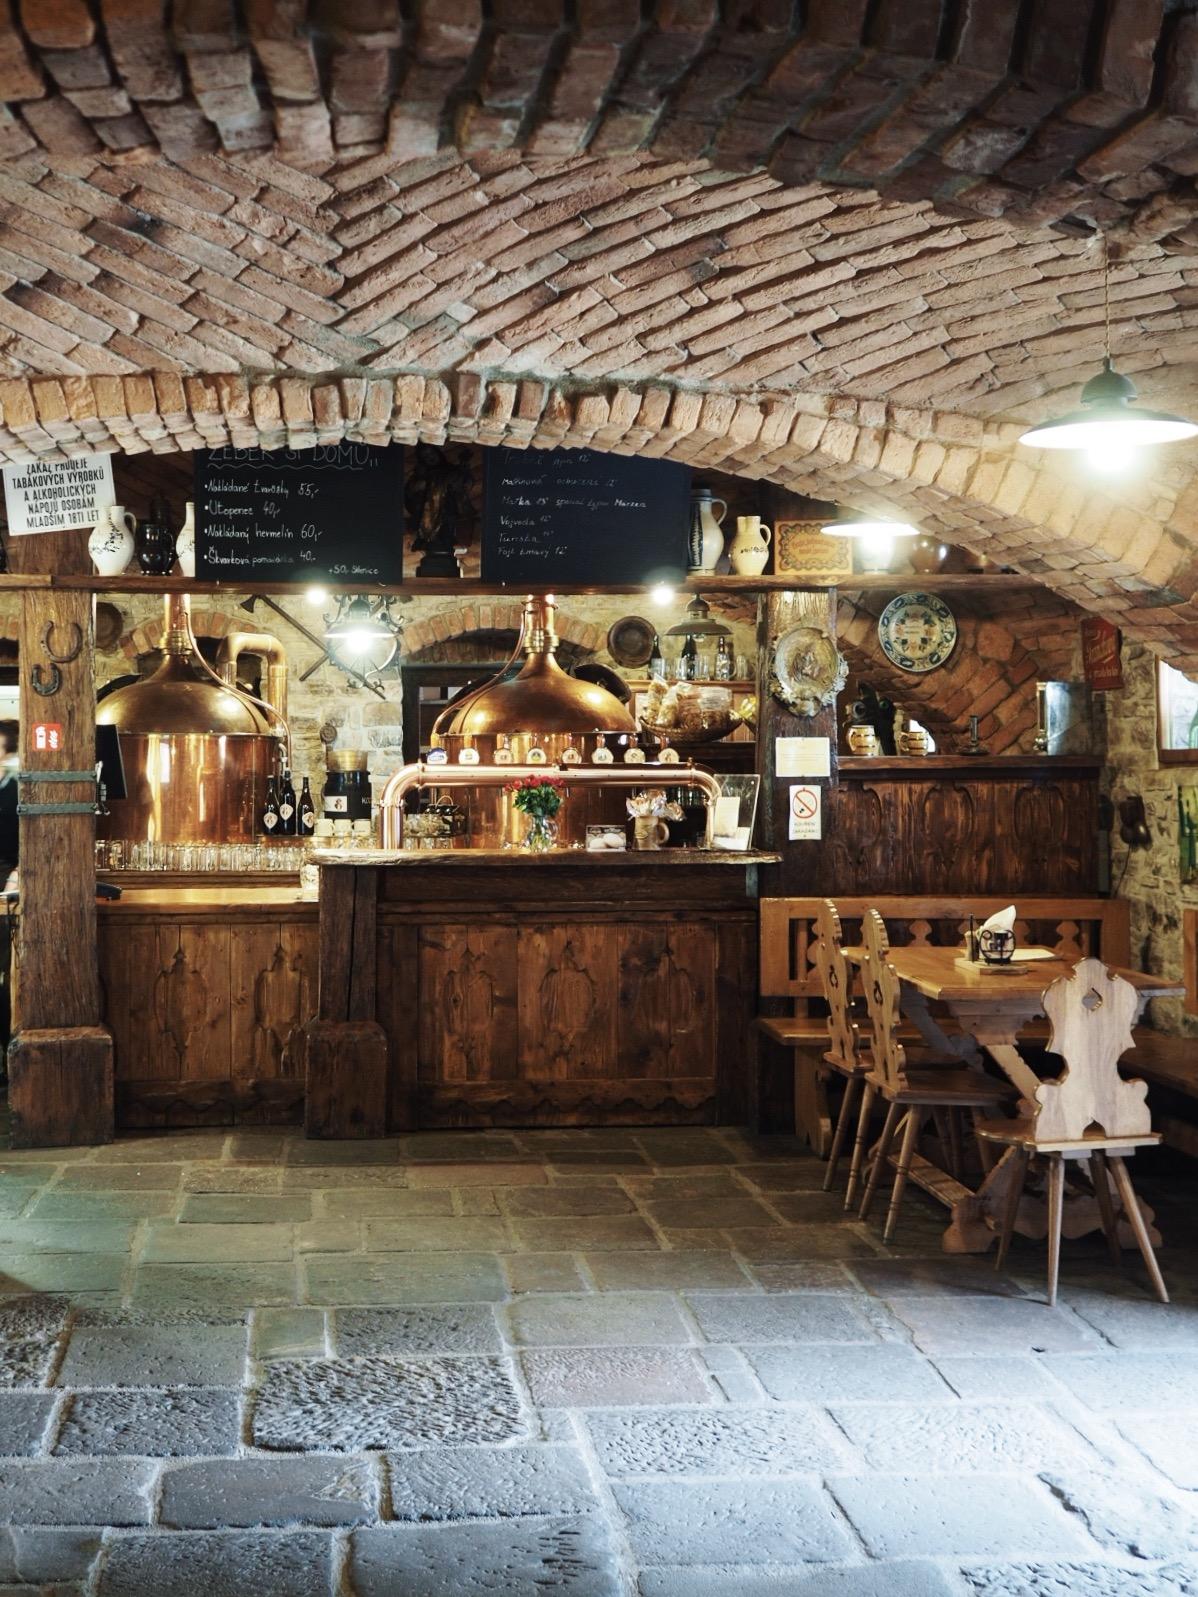 Milujete turistiku? Zkuste Beskydskou pivní stezku a navštivte cestou 14 pivovarů